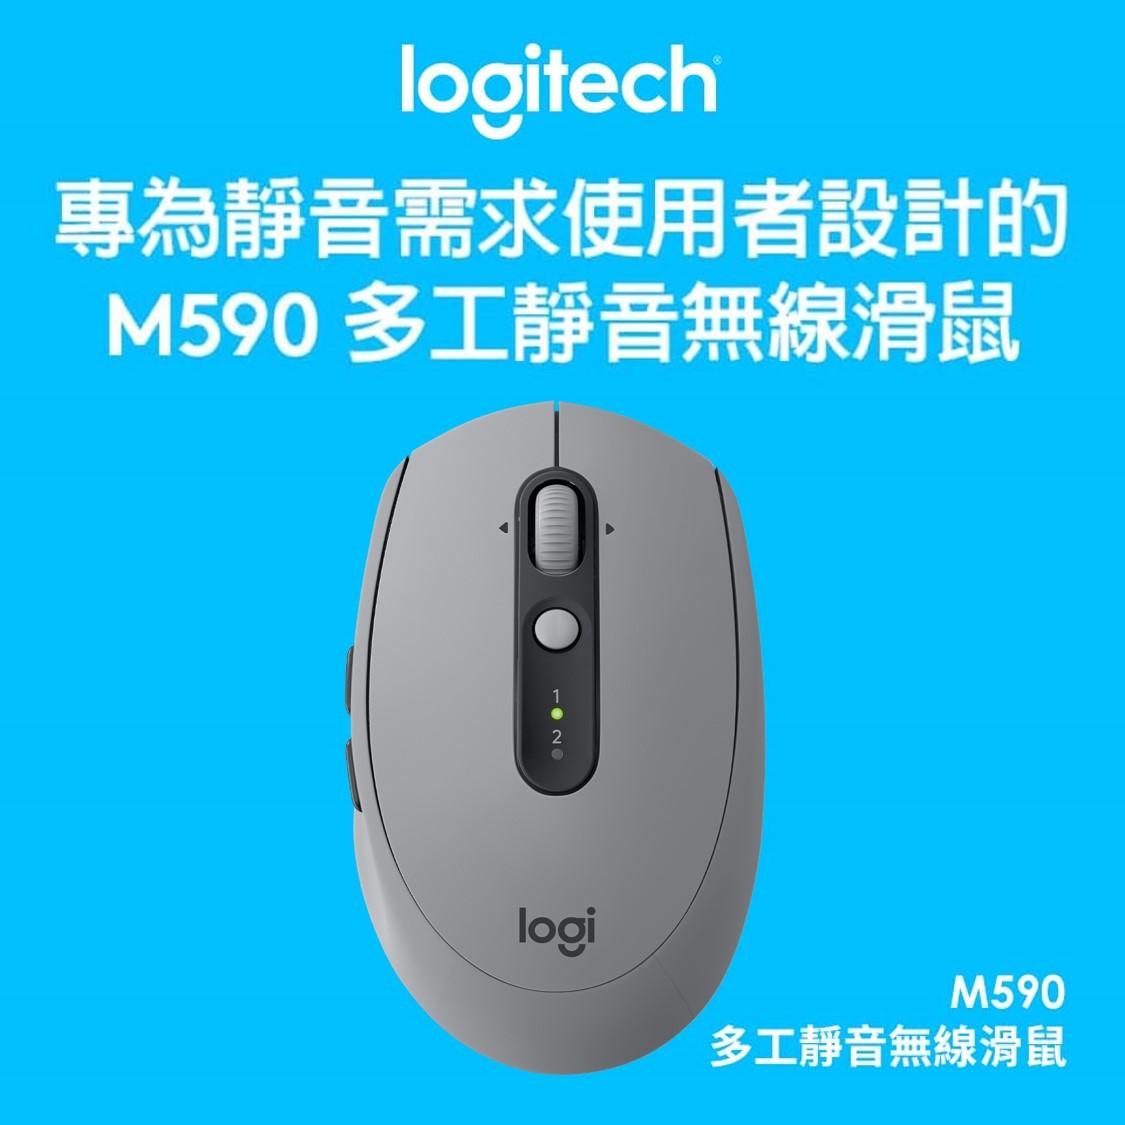 羅技Logitech M590 多工靜音無線滑鼠 石板灰